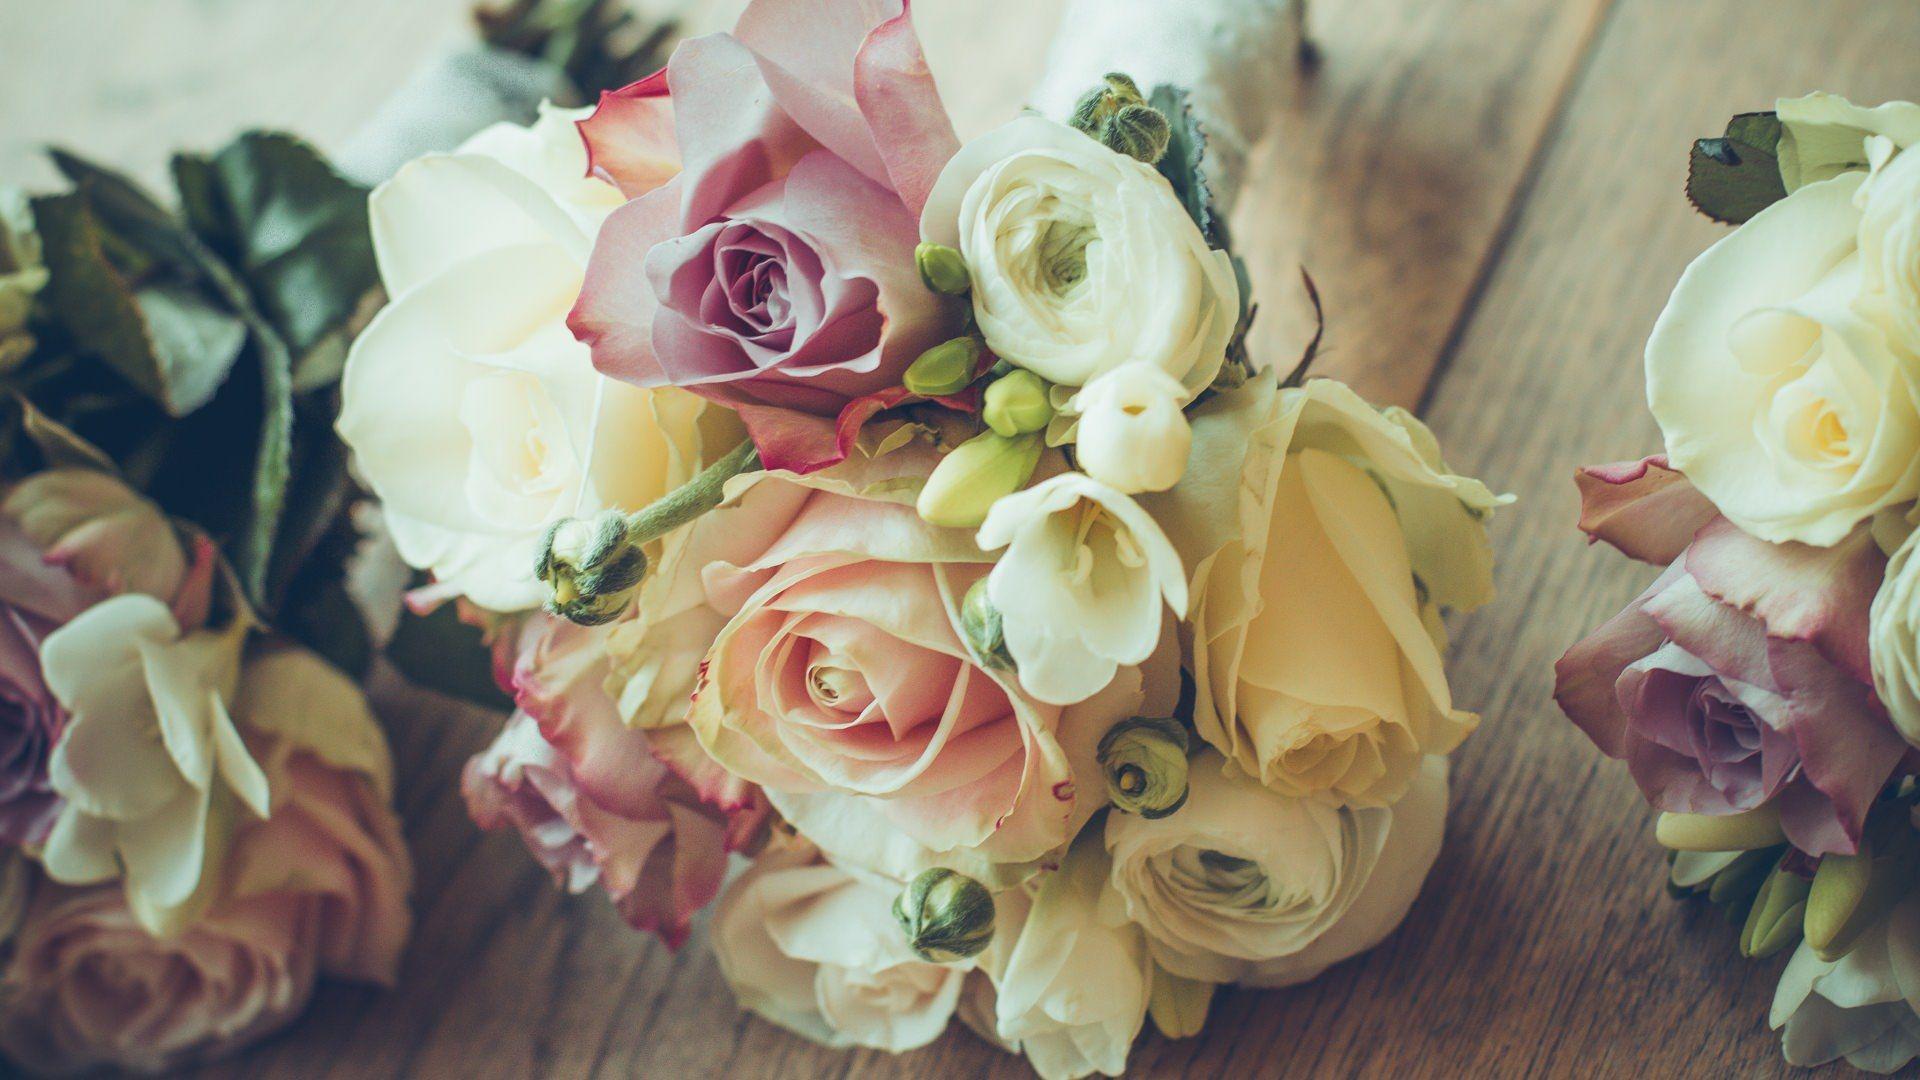 roses bouquet composition design (1920x1080) via Classy